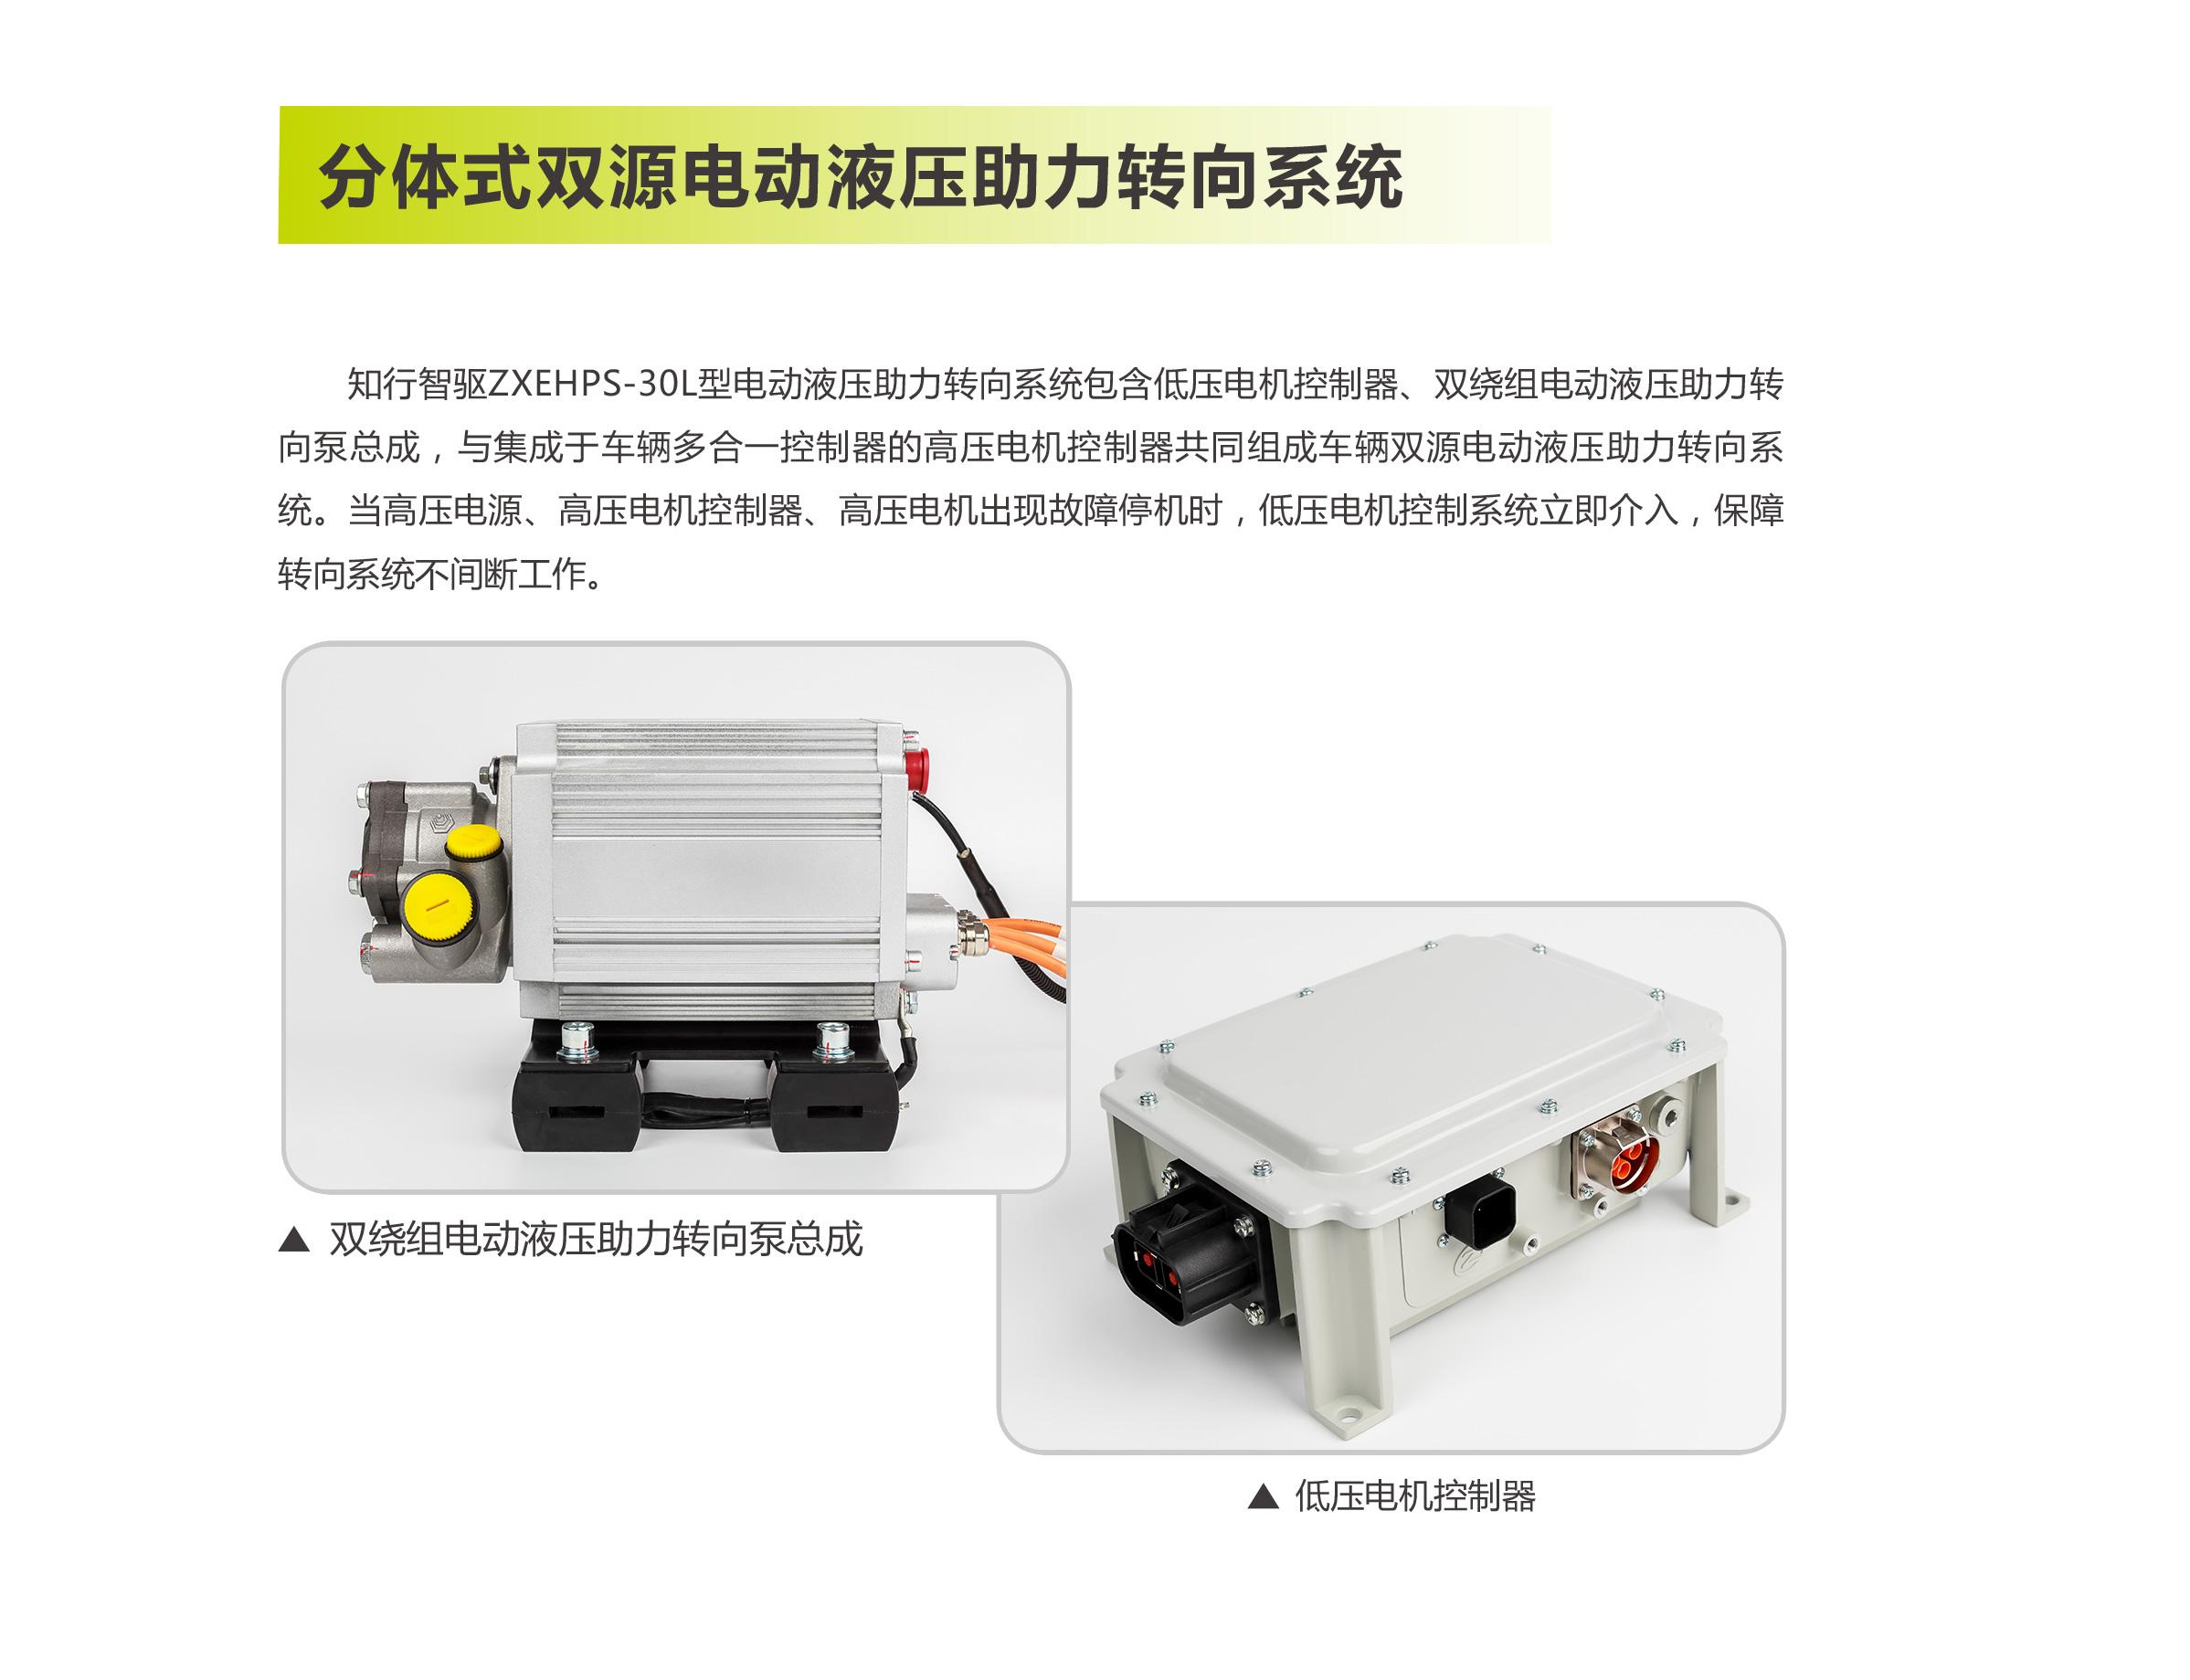 分体式双源电动液压助力转向系统案例详情.jpg